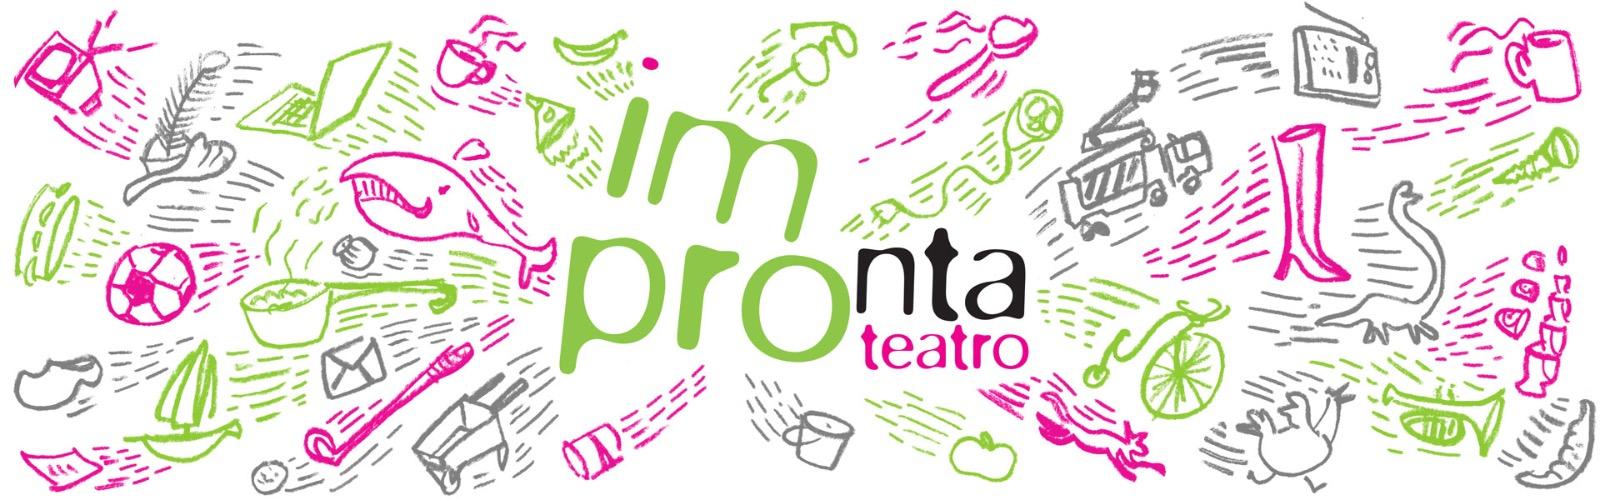 teatro en uruguay